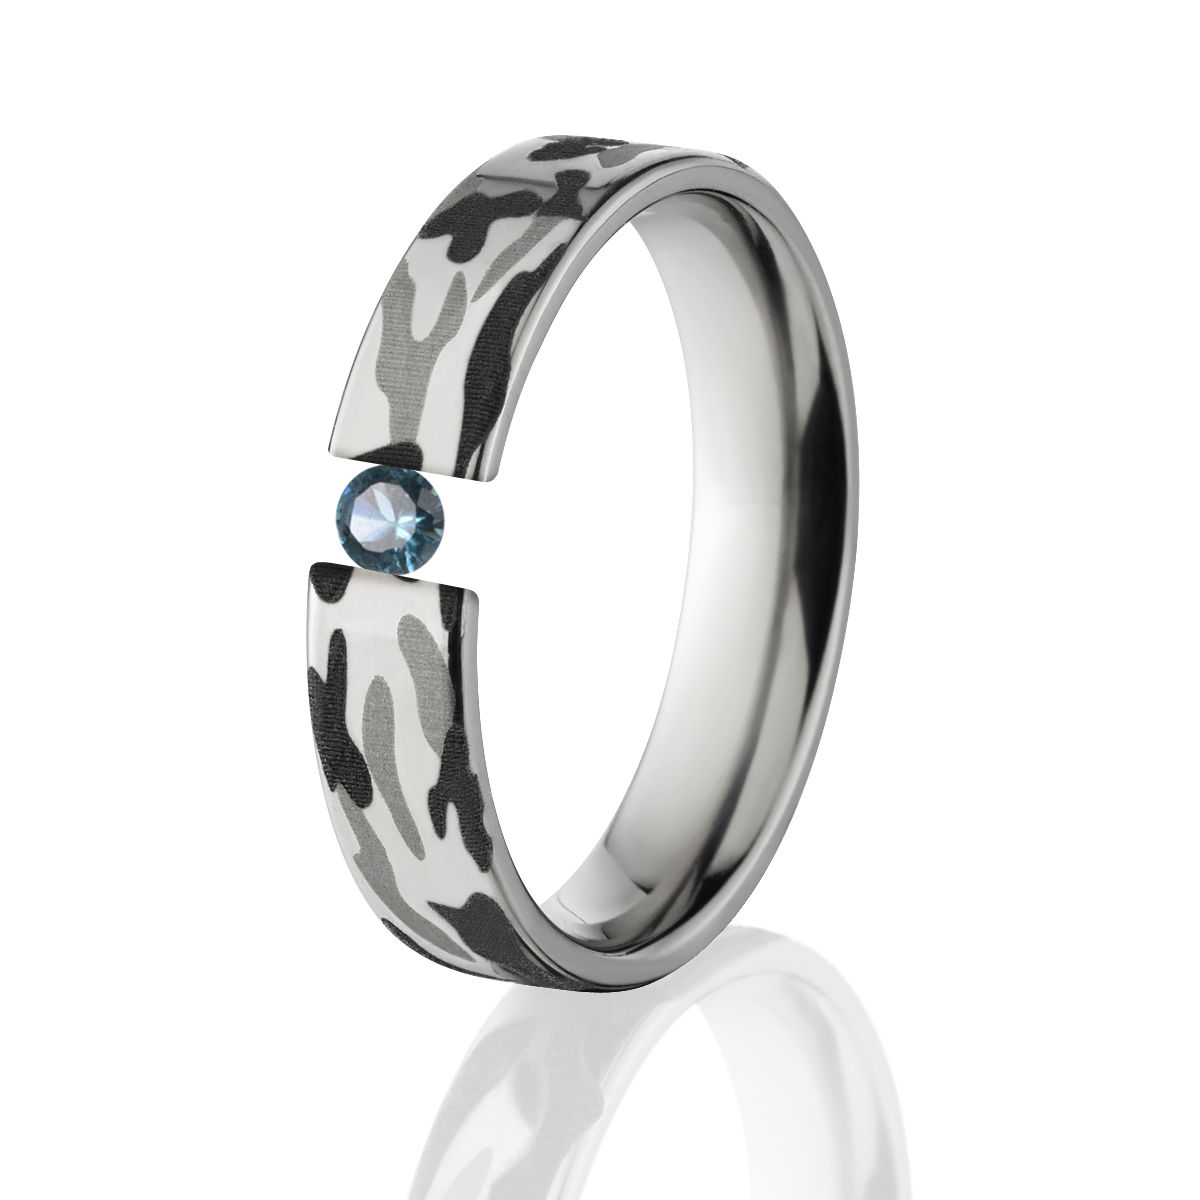 Blue Topaz, Titanium Camo Ring, Tension Set Ring